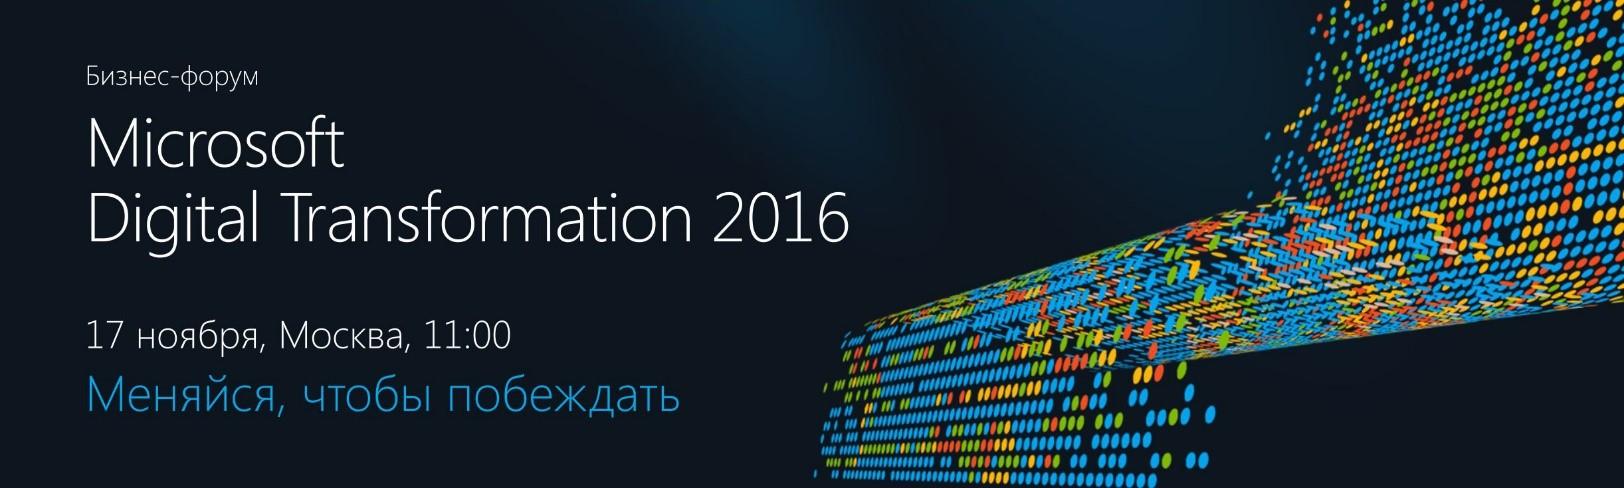 Приглашаем вас на бизнес-форум Digital Transformation 2016